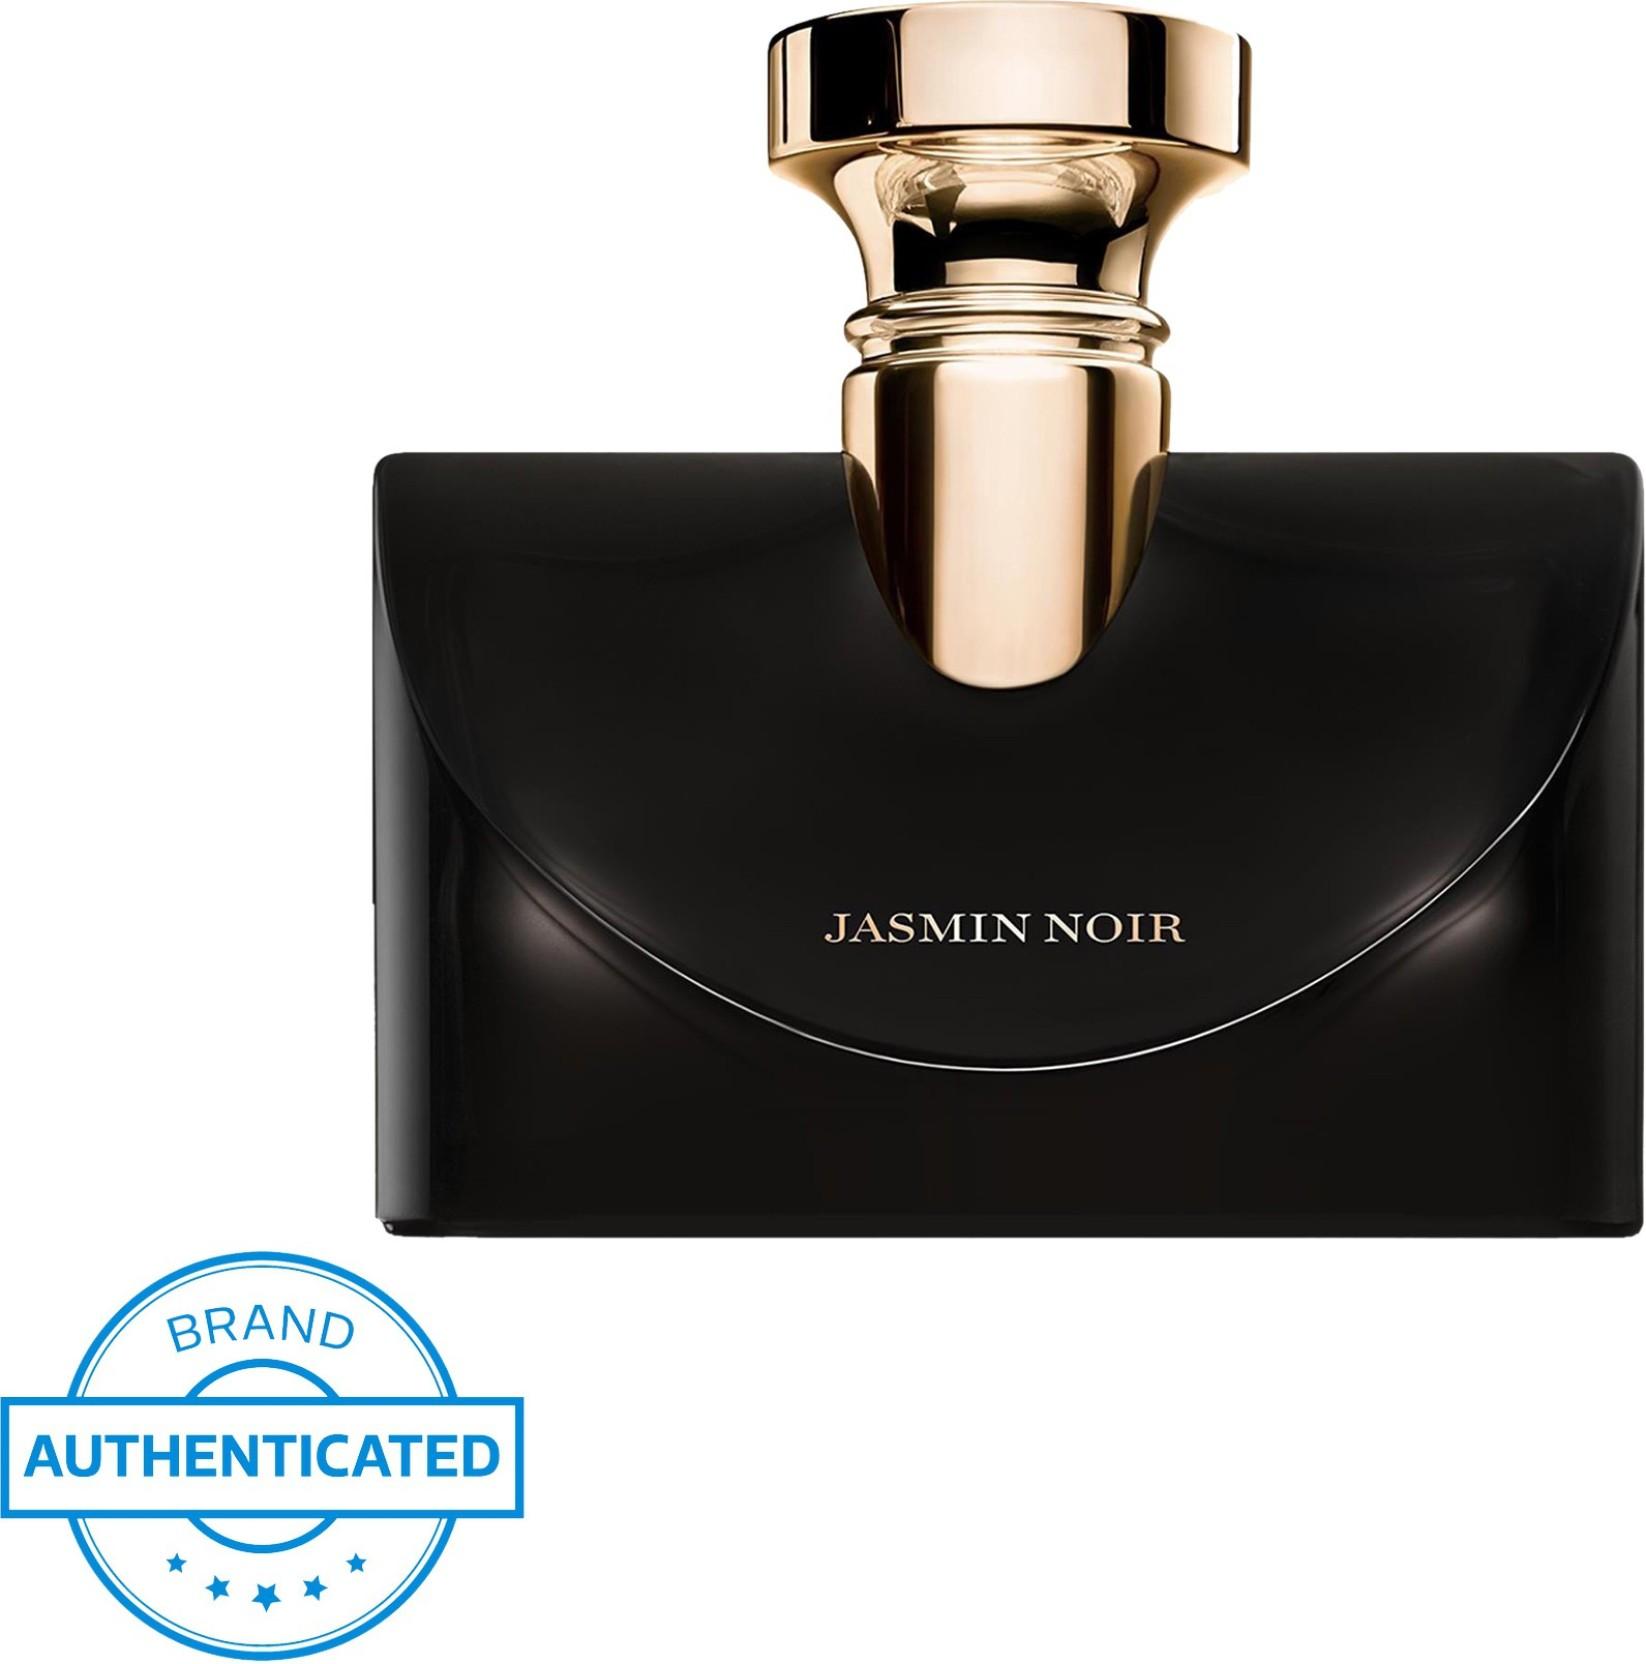 Buy Bvlgari Splendida Jasmin Noir Eau de Parfum - 50 ml Online In ... 1f9060fcb48